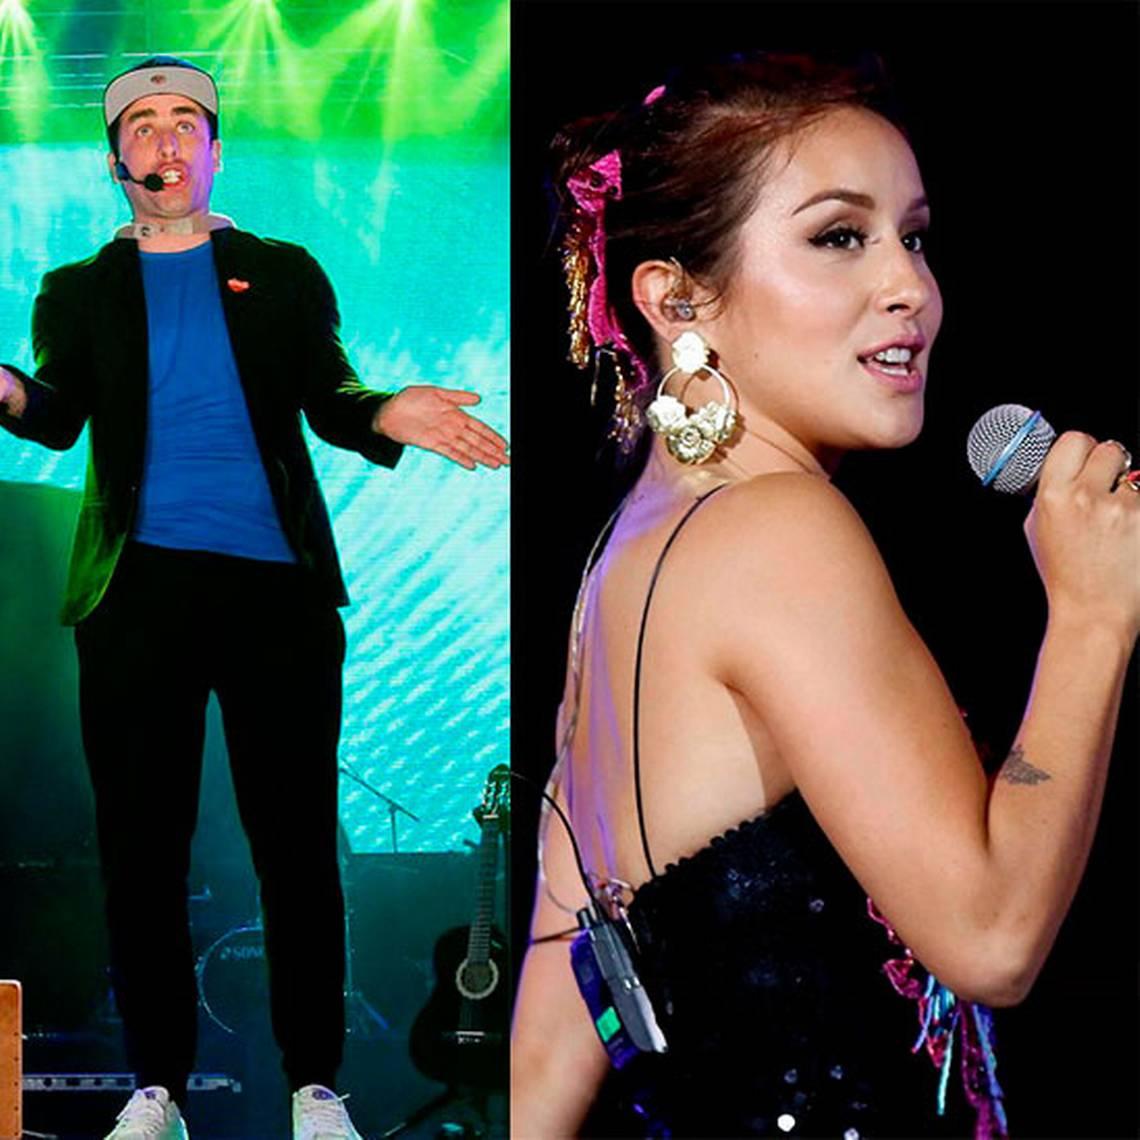 El reggaeton y el humor se tomarán la segunda noche de Talca